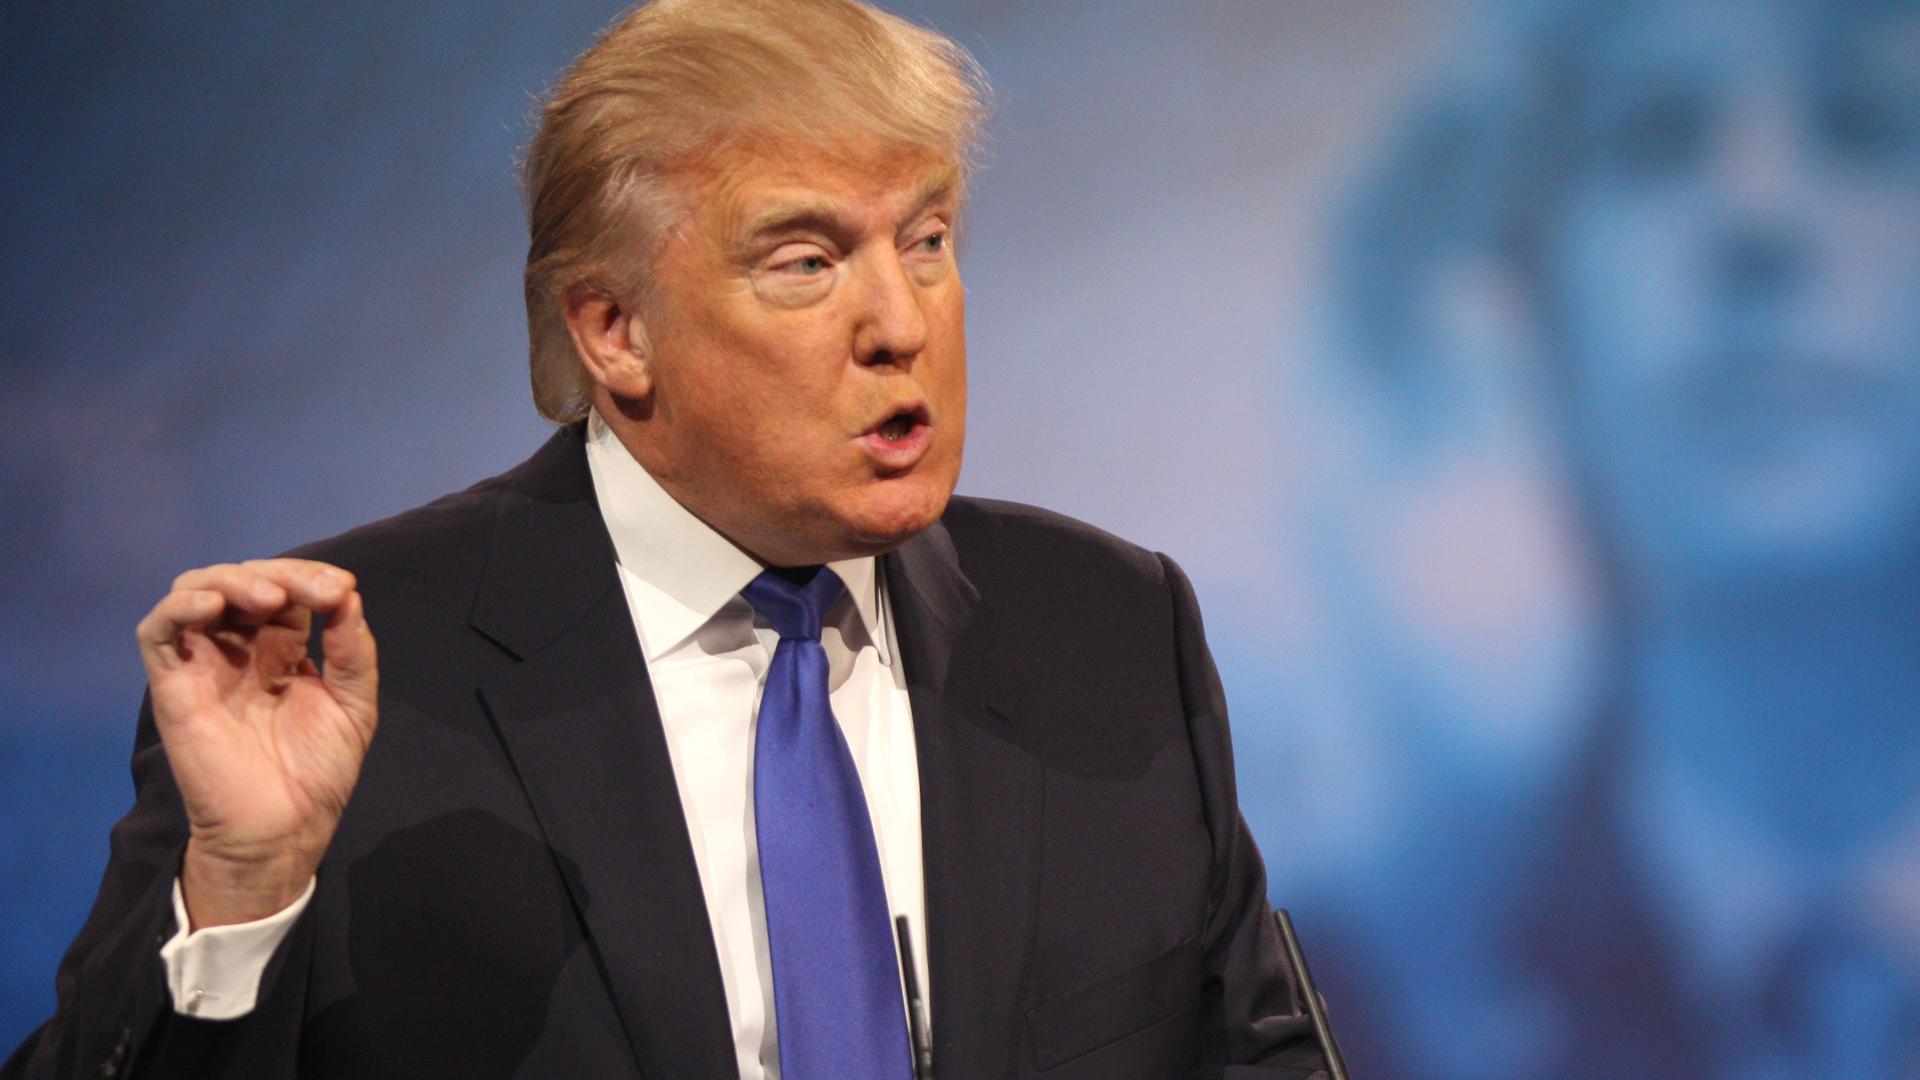 Christen sind eine wichtige Wählergruppe für Donald Trump. Politisch ergreift er oft Partei für Anliegen der Evangelikalen.